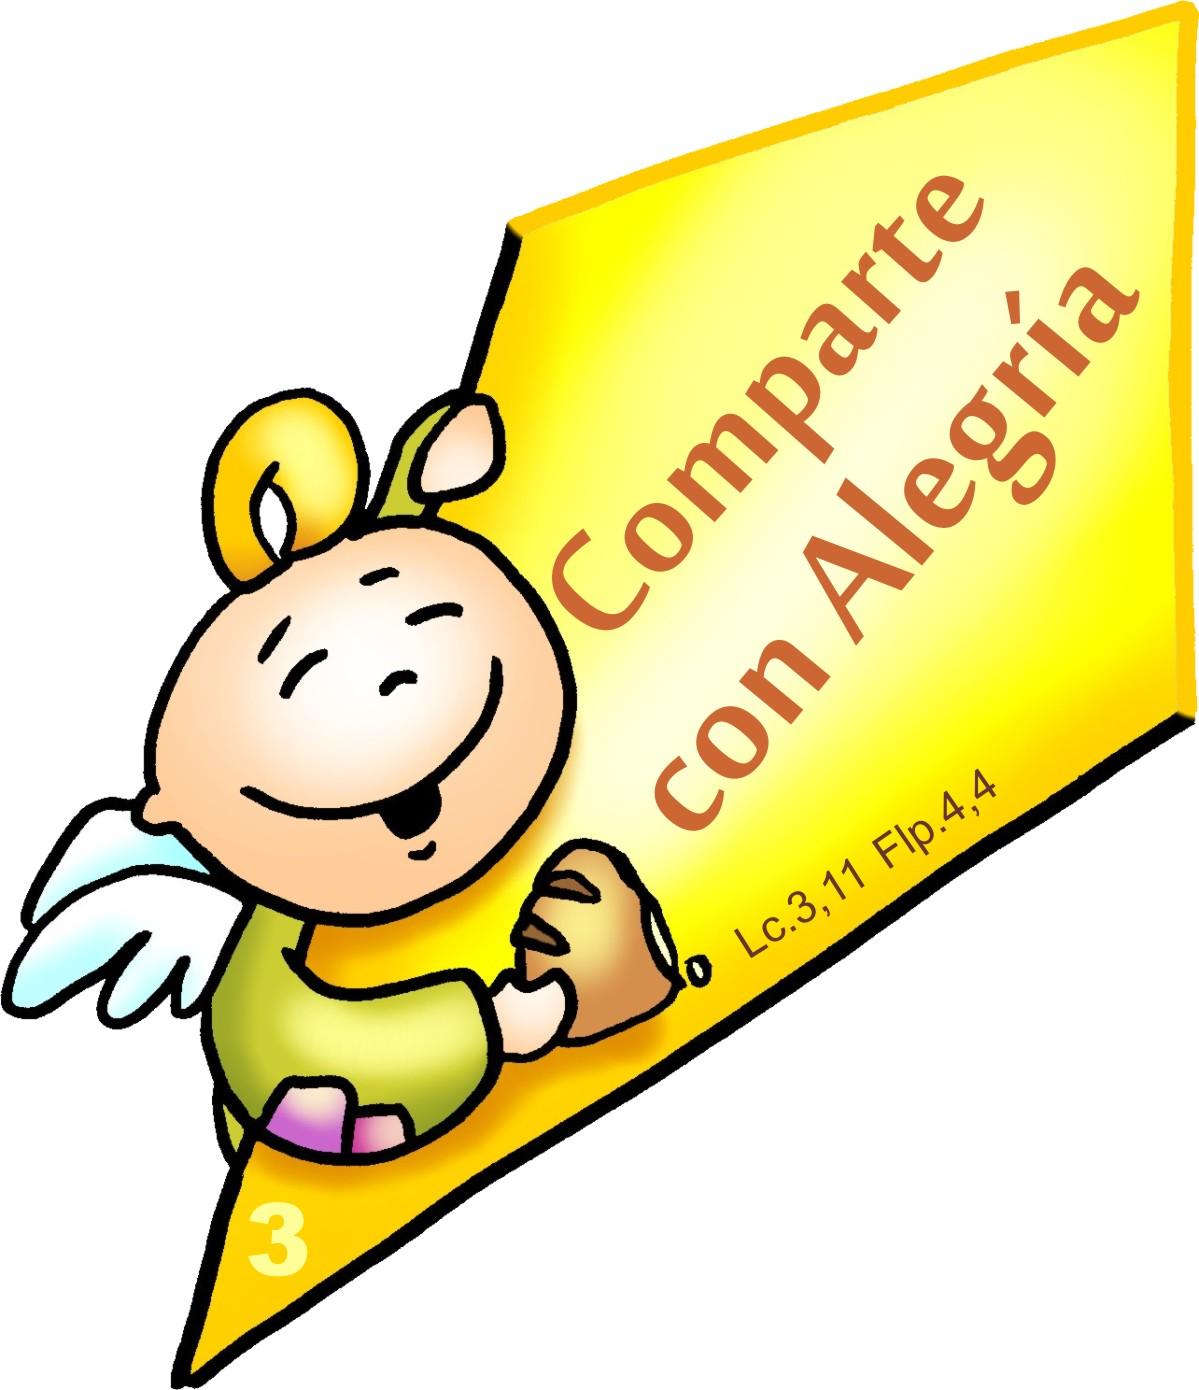 3_DOMINGO_DE_ADVIENTO_COLOOR_texto